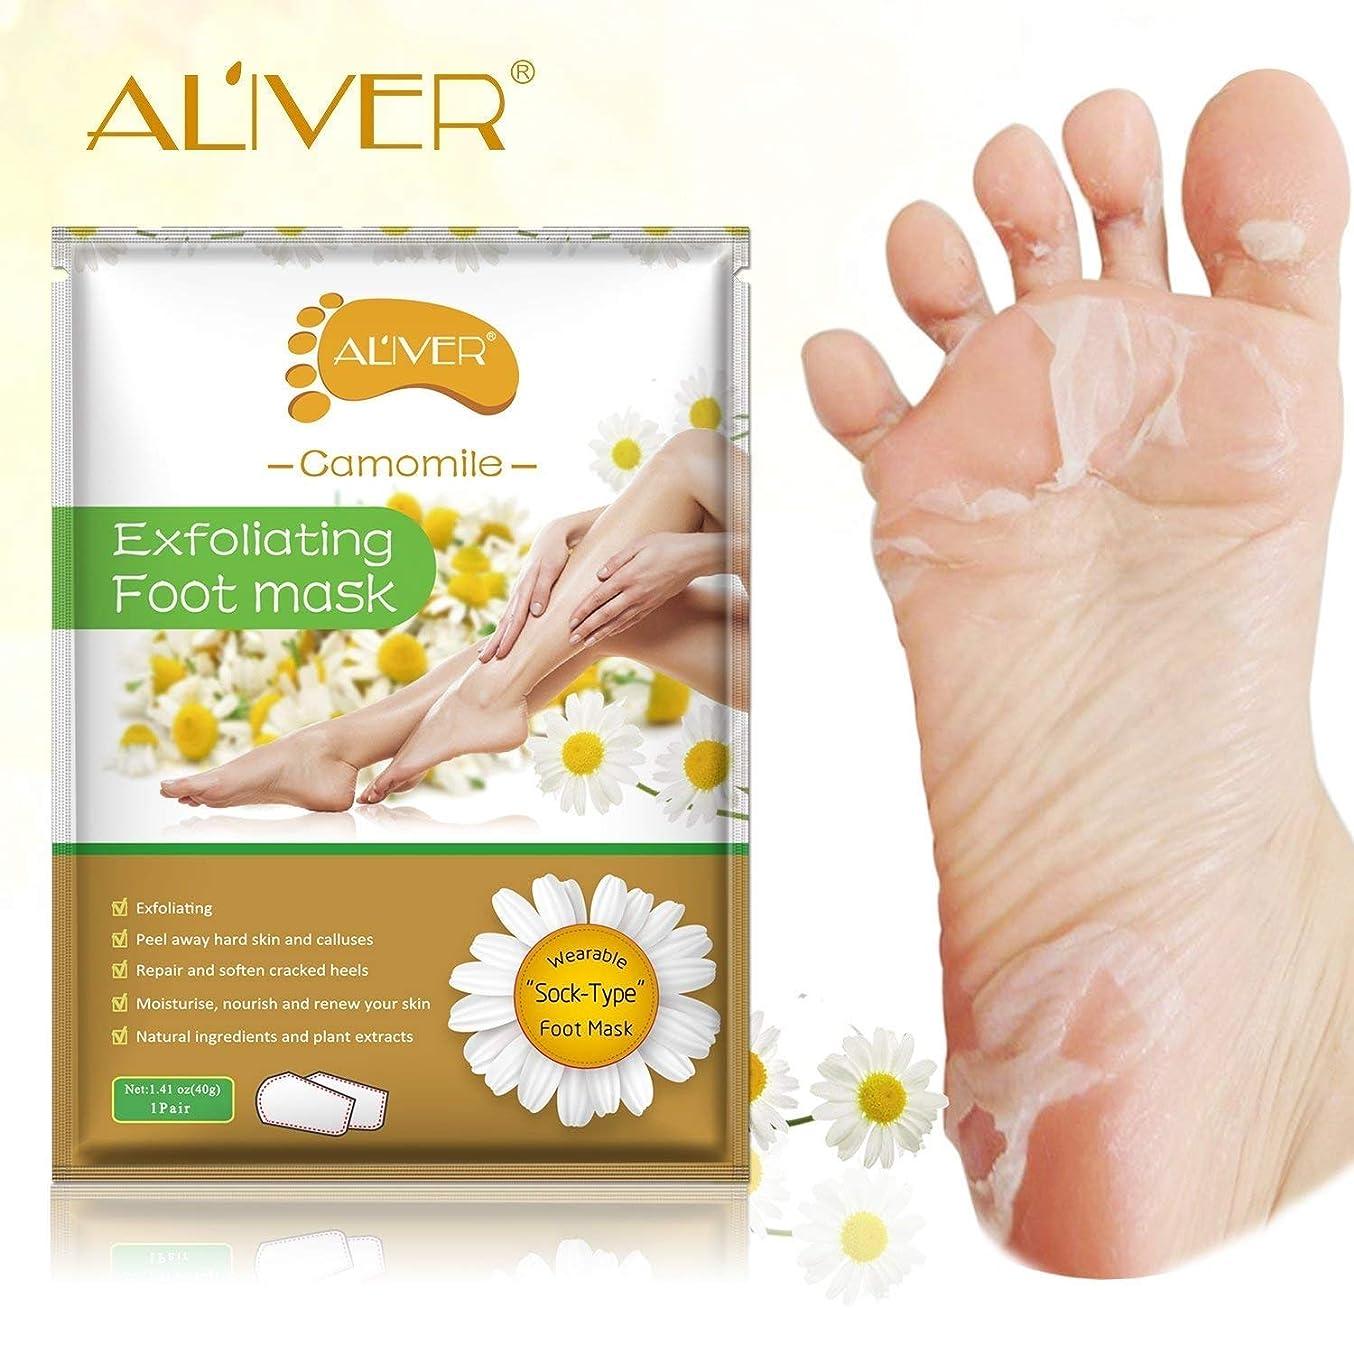 振るう貫入ルアーOdette フットピーリング パック 足の裏 角質取り 足用保湿 足の臭い 脚気を取り除く 7日肌の変化 2袋 (カモミール)